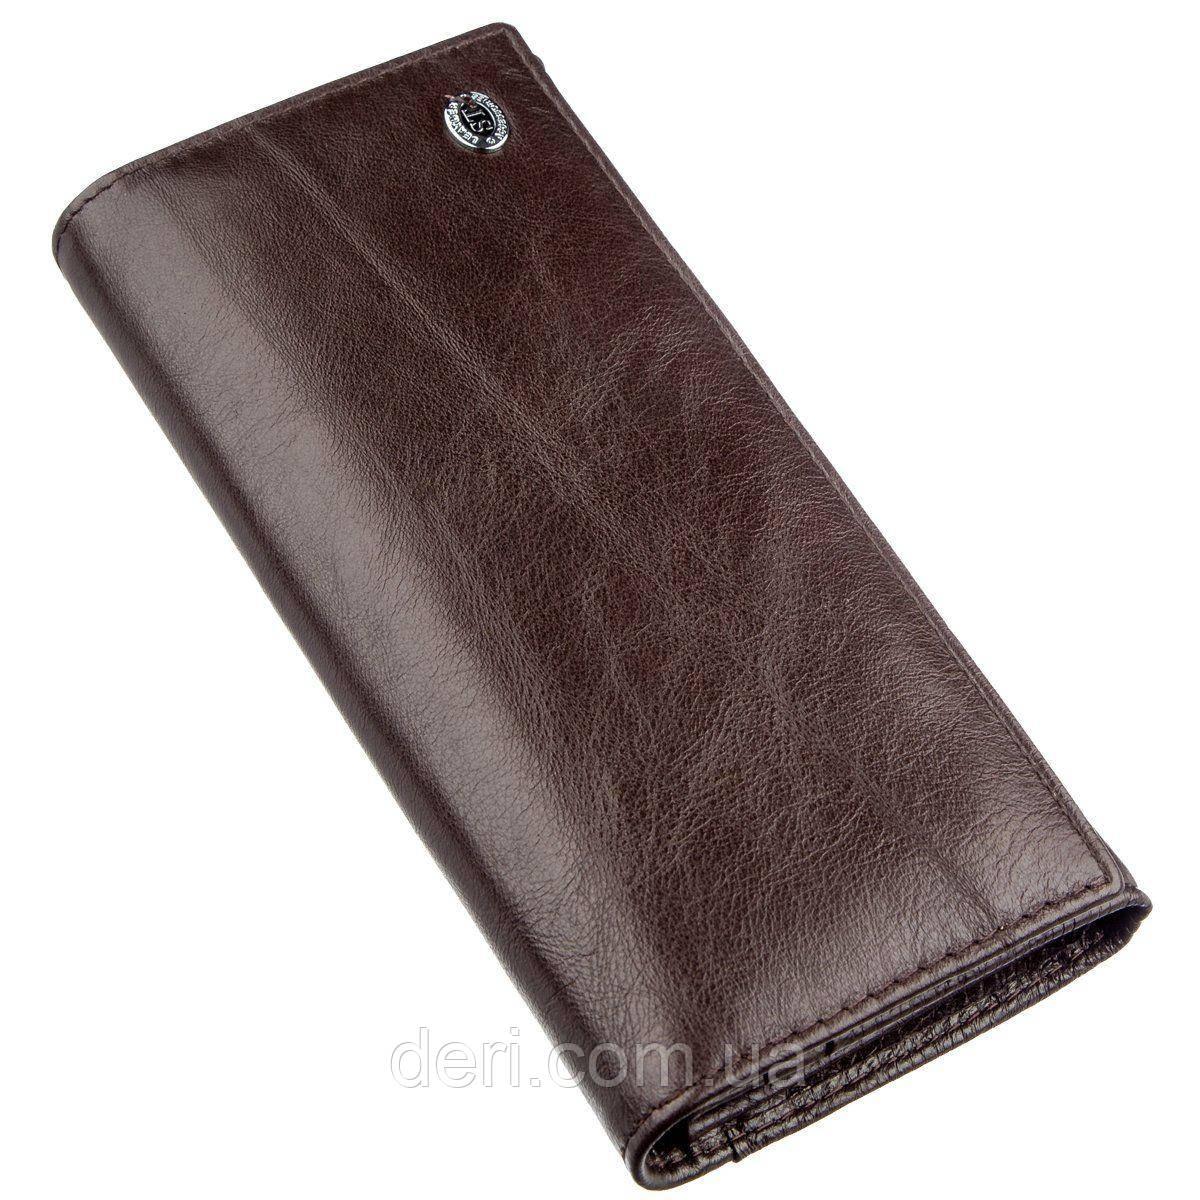 Вместительный кошелек для женщин коричневый